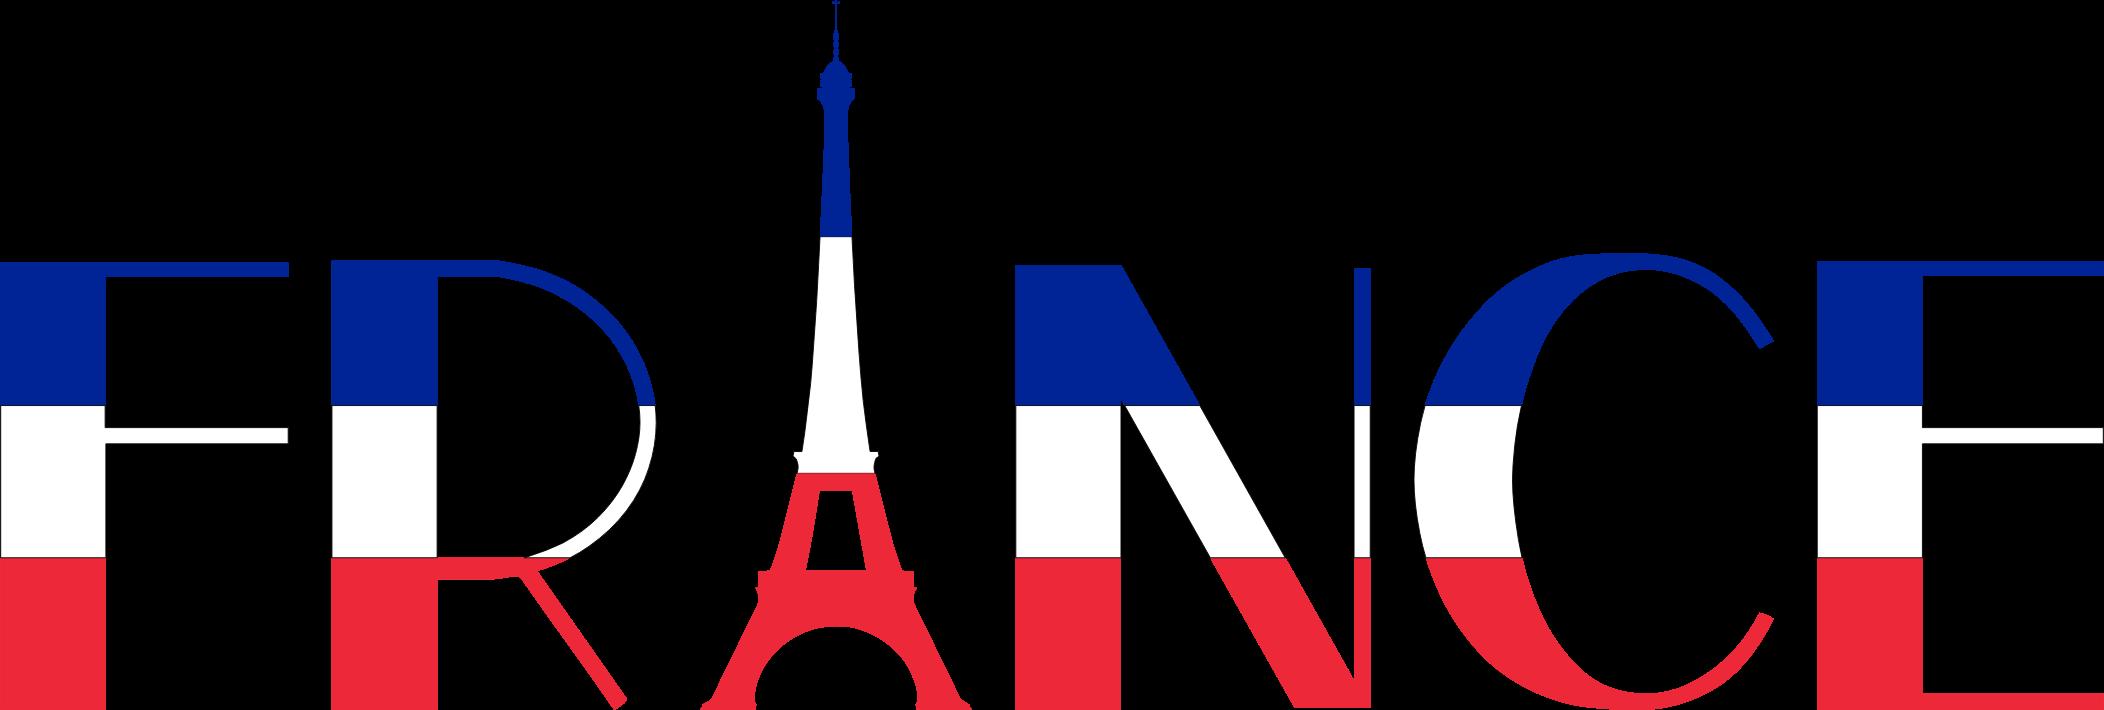 2104x710 Top 84 France Clip Art